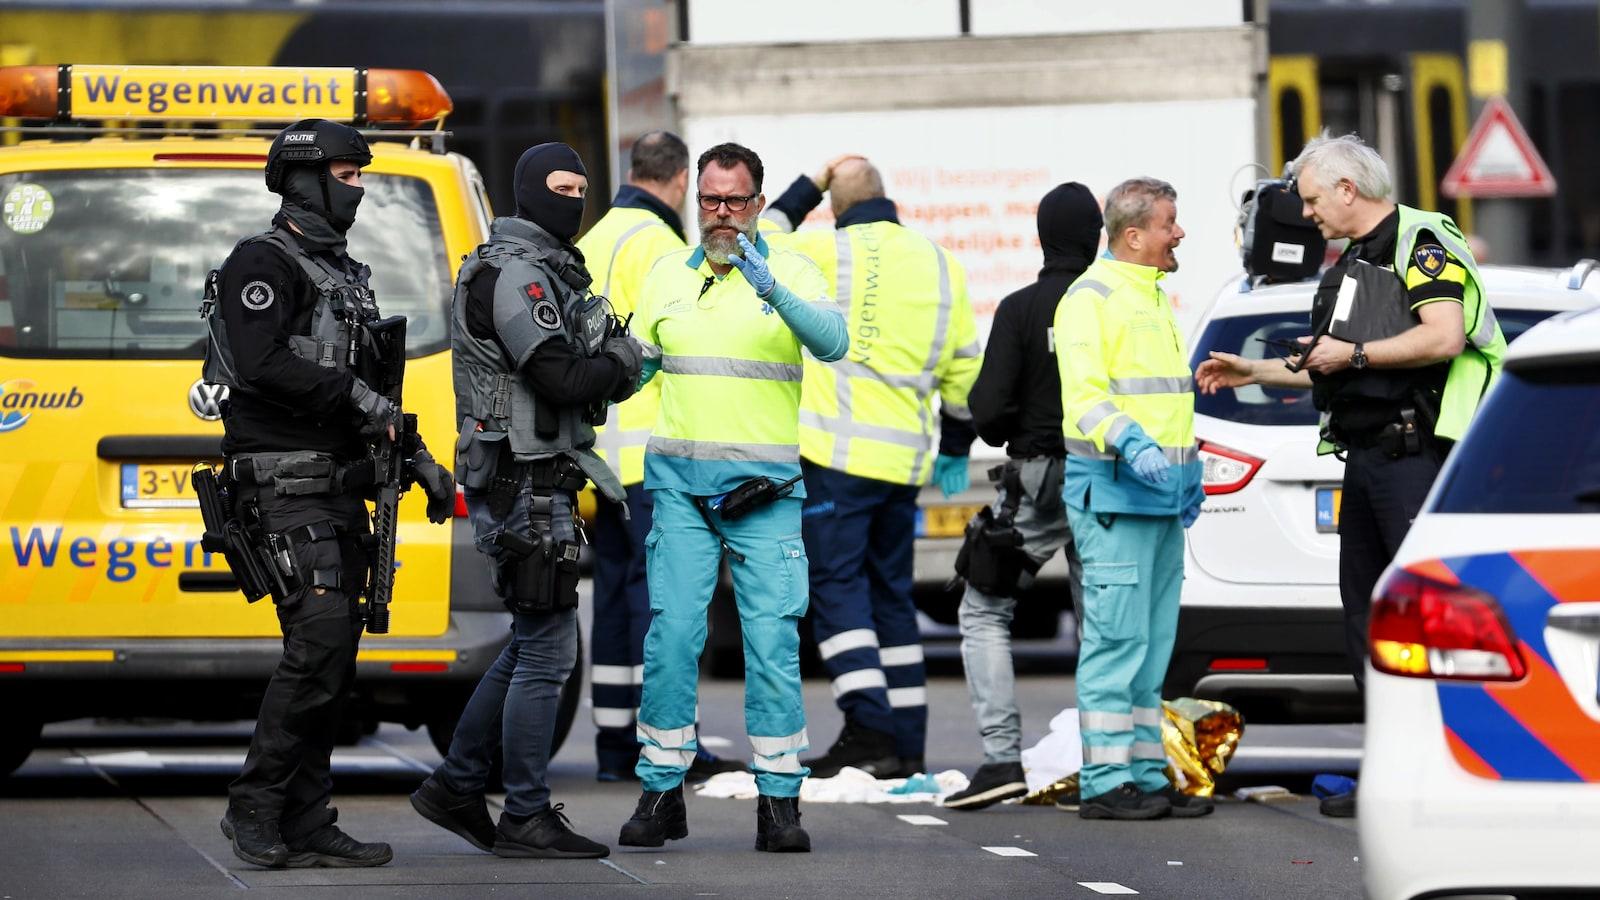 Les forces de l'ordre, cagoulées et armées, discutent avec les services d'urgence, en vêtements d'intervention jaune fluo.